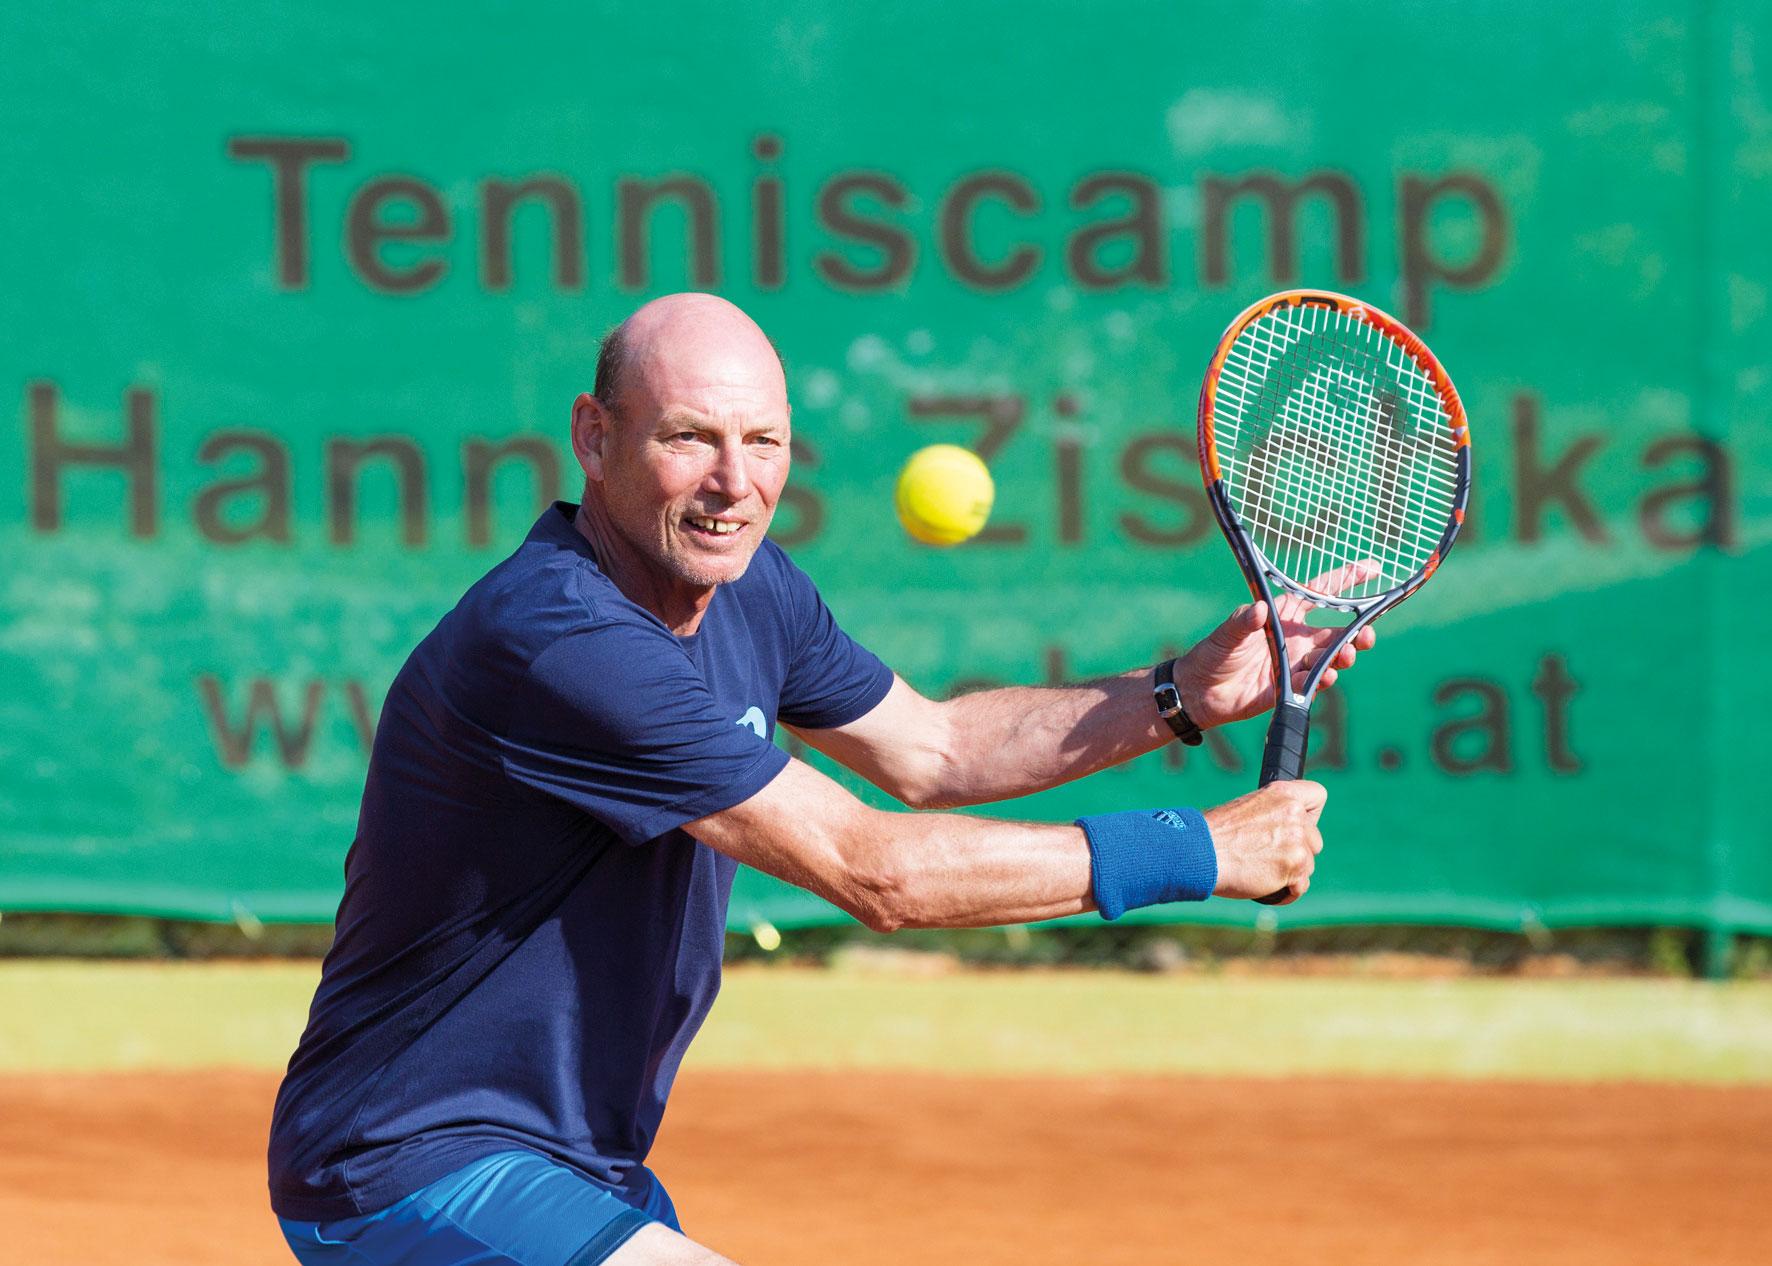 Sportreisen Hannes Zischka, Istrien, Dalmatien, Urlaub, Tennis, Slowenien